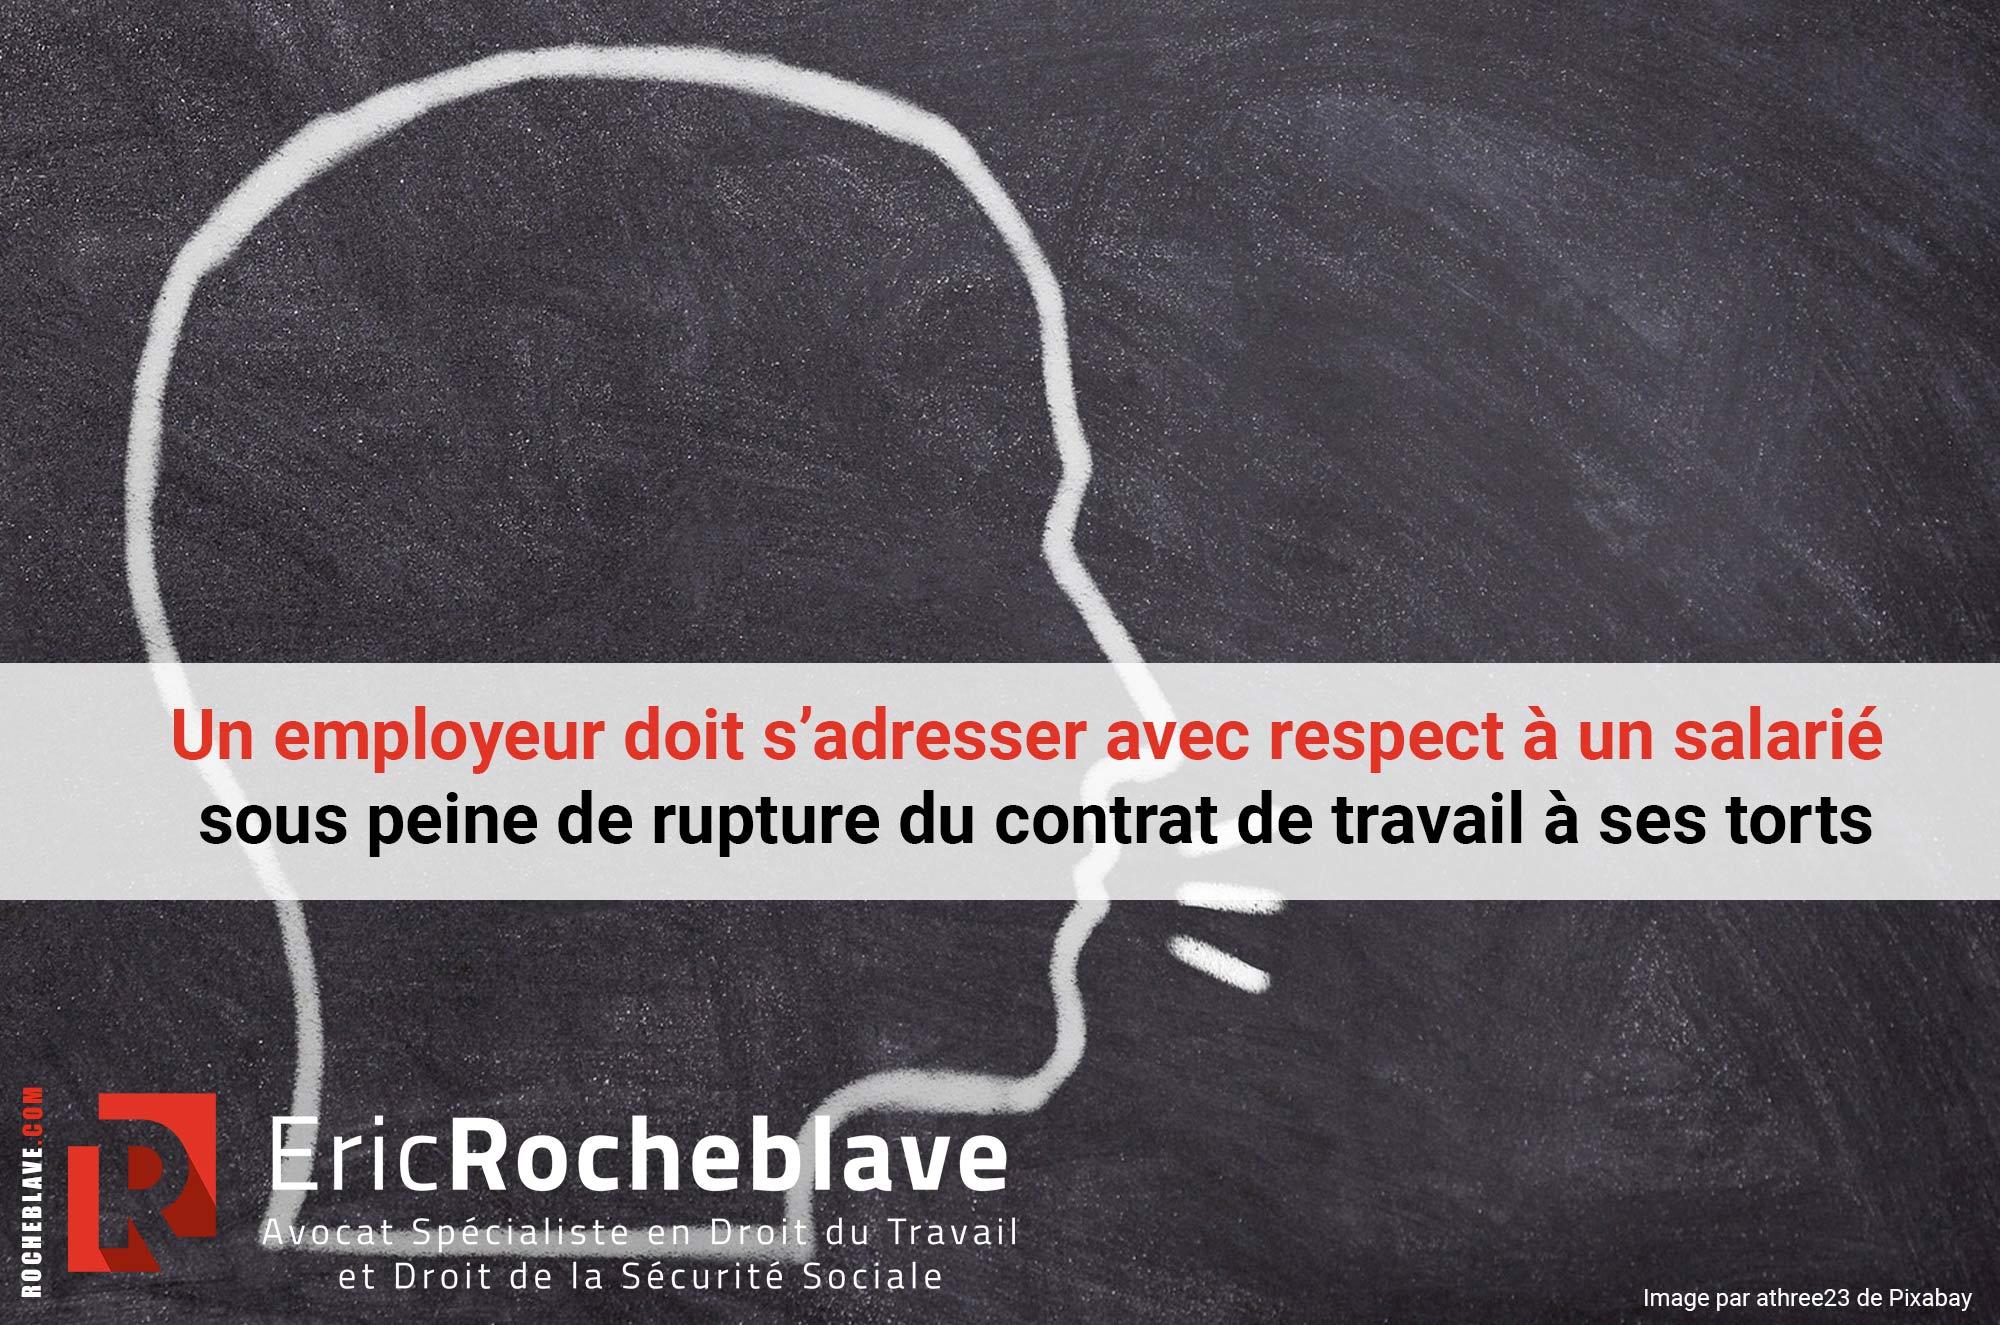 Un employeur doit s'adresser avec respect à un salarié sous peine de rupture du contrat de travail à ses torts